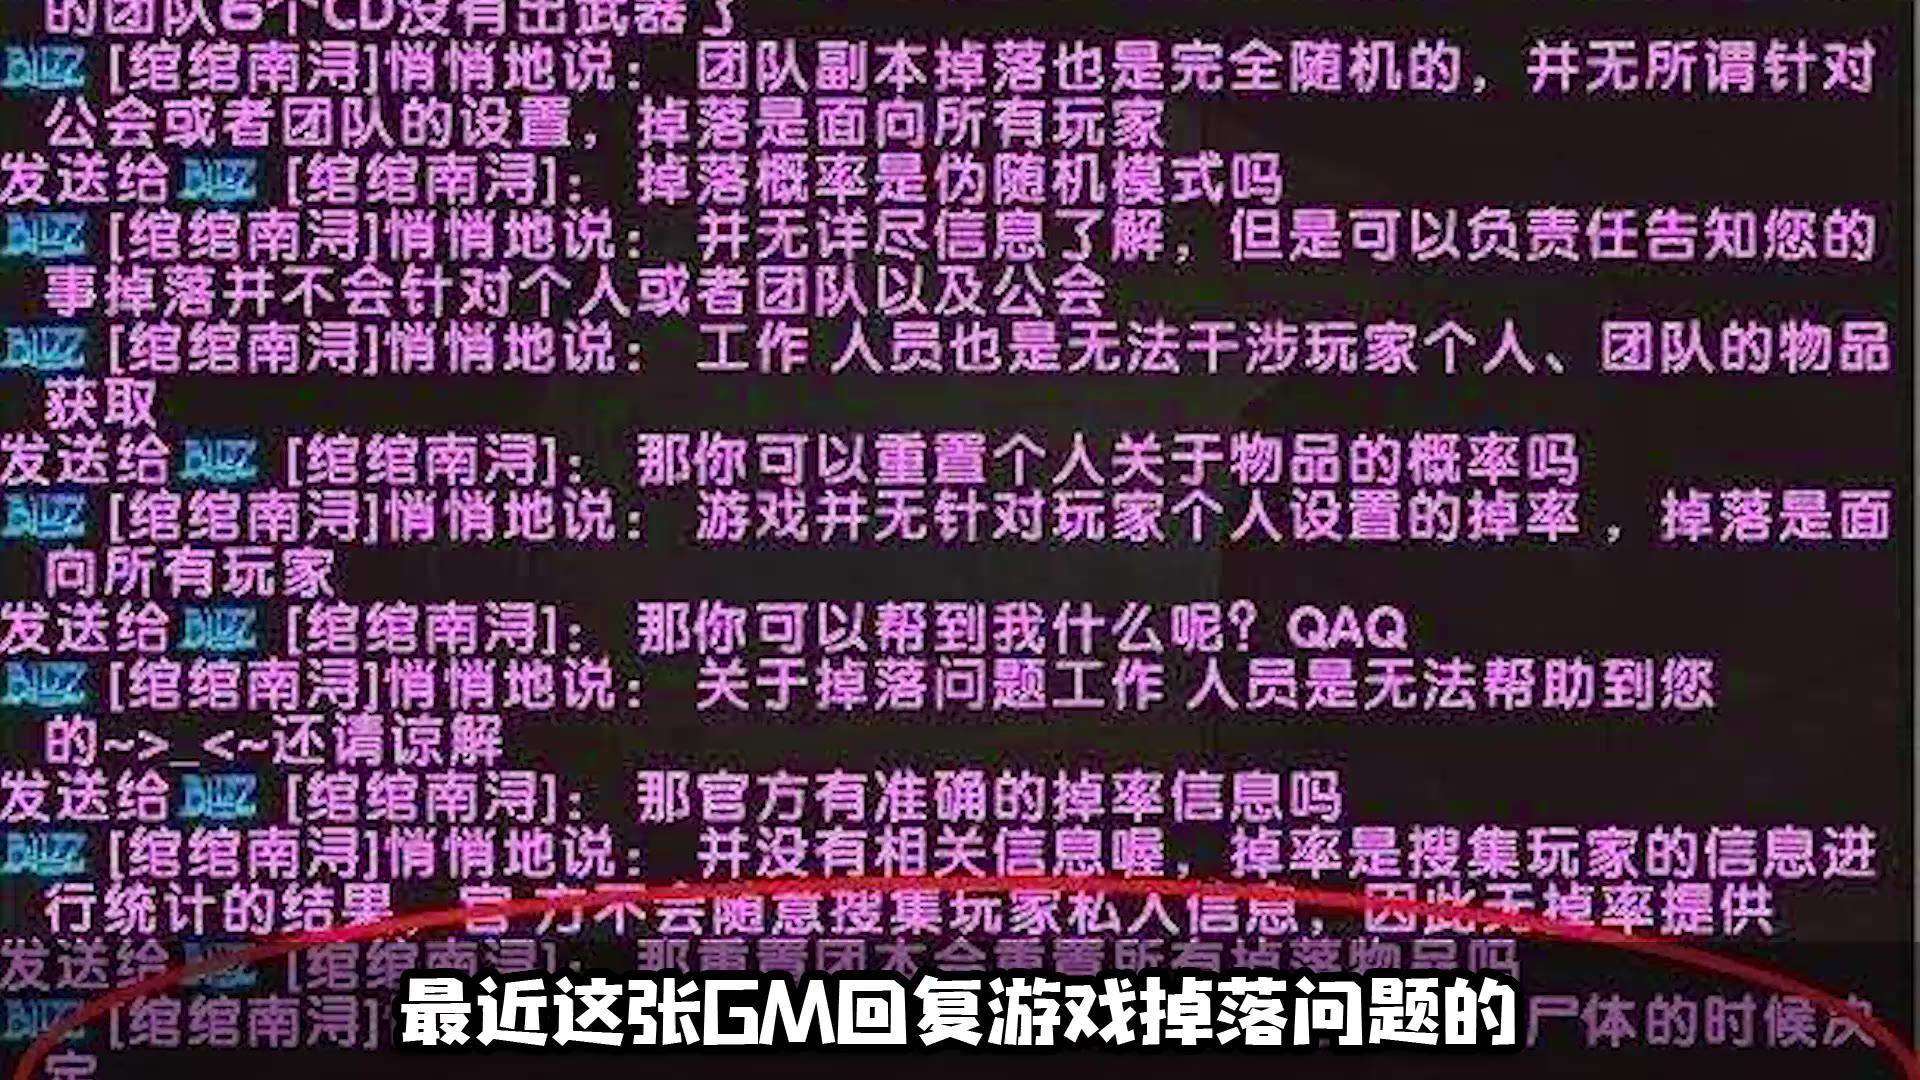 魔兽世界黑手红手的说法被GM实锤,团长:再摸出怒风自刎谢罪!